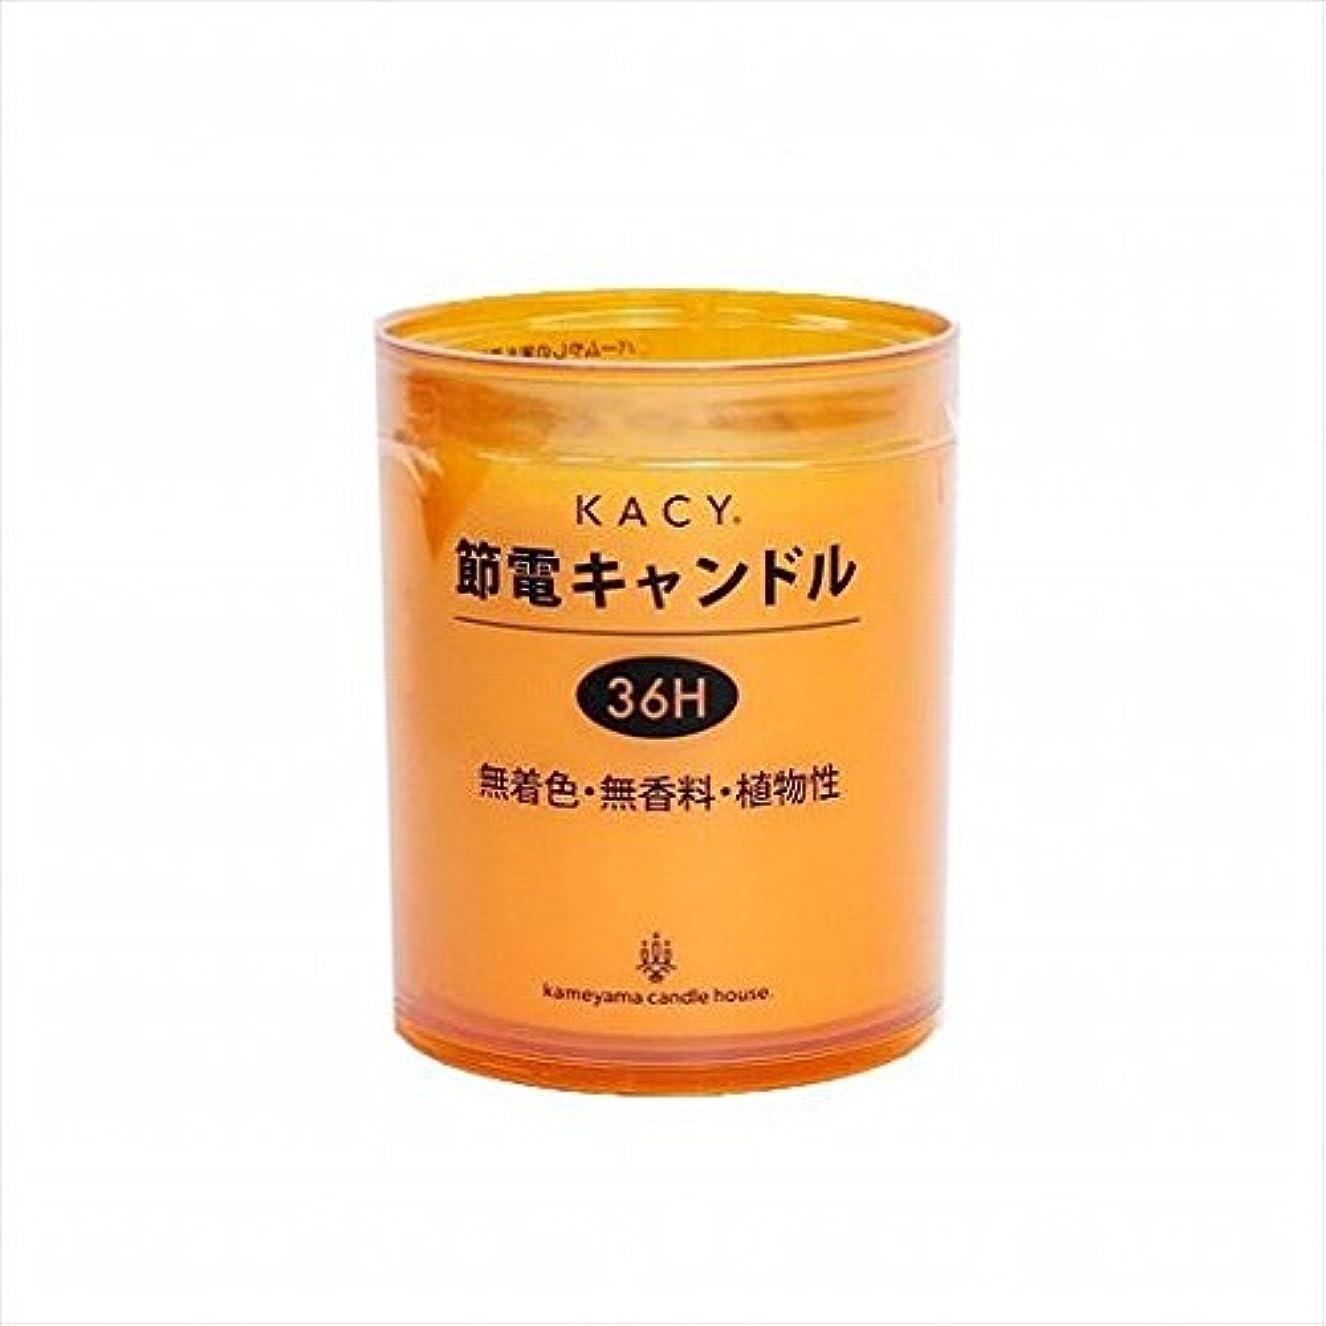 予測半円民族主義kameyama candle(カメヤマキャンドル) 節電キャンドル 36時間タイプ 「 オレンジ 」 キャンドル 83x83x100mm (A9610010OR)